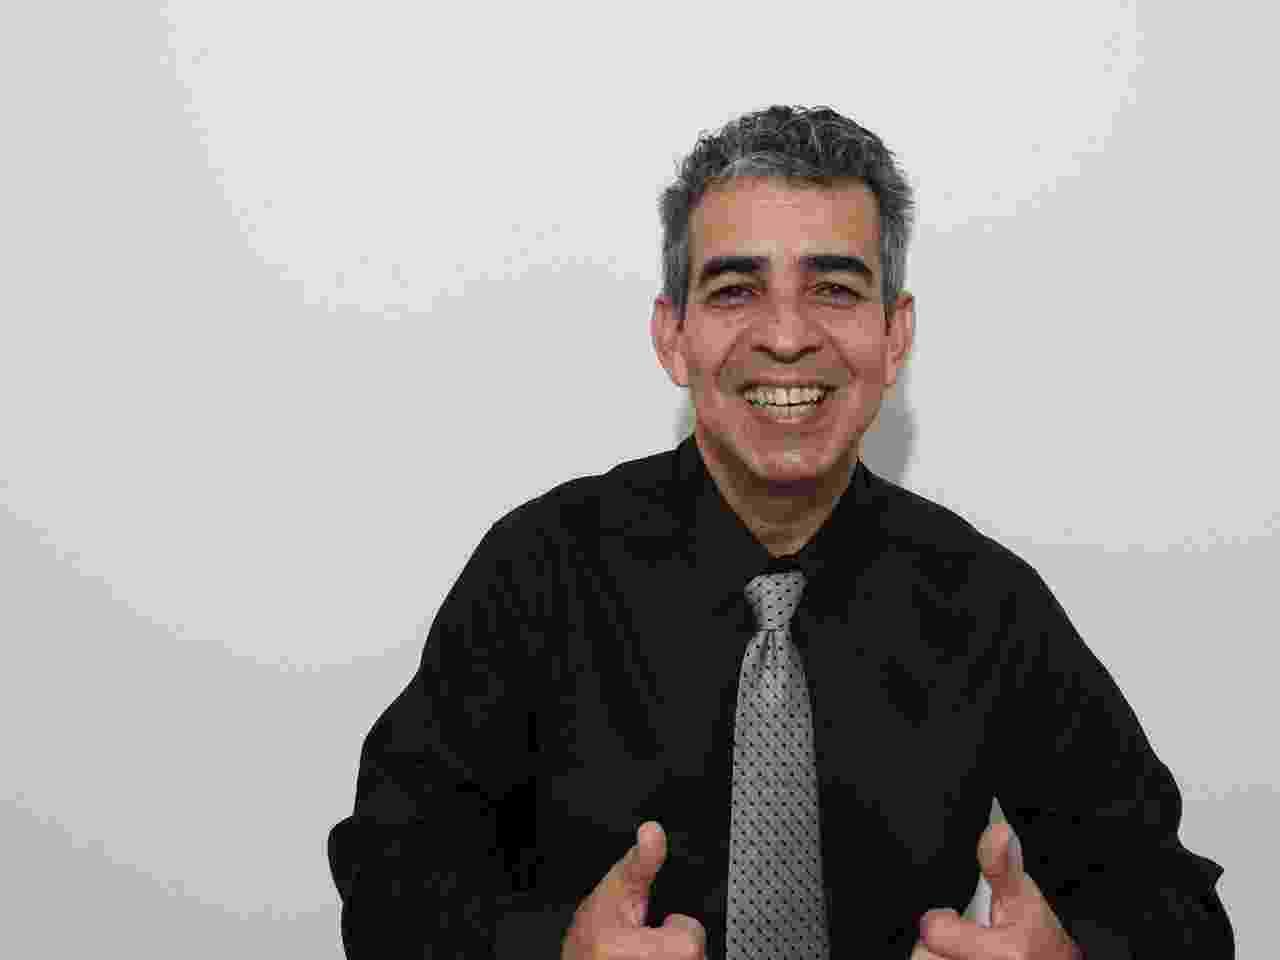 Darci Vargas, 46 anos, dono de seis unidades da franquia Prepara Cursos. Ele também é coordenador das unidades que a rede tem no Rio de Janeiro. O Estado representa 20% do faturamento total da rede - Divulgação